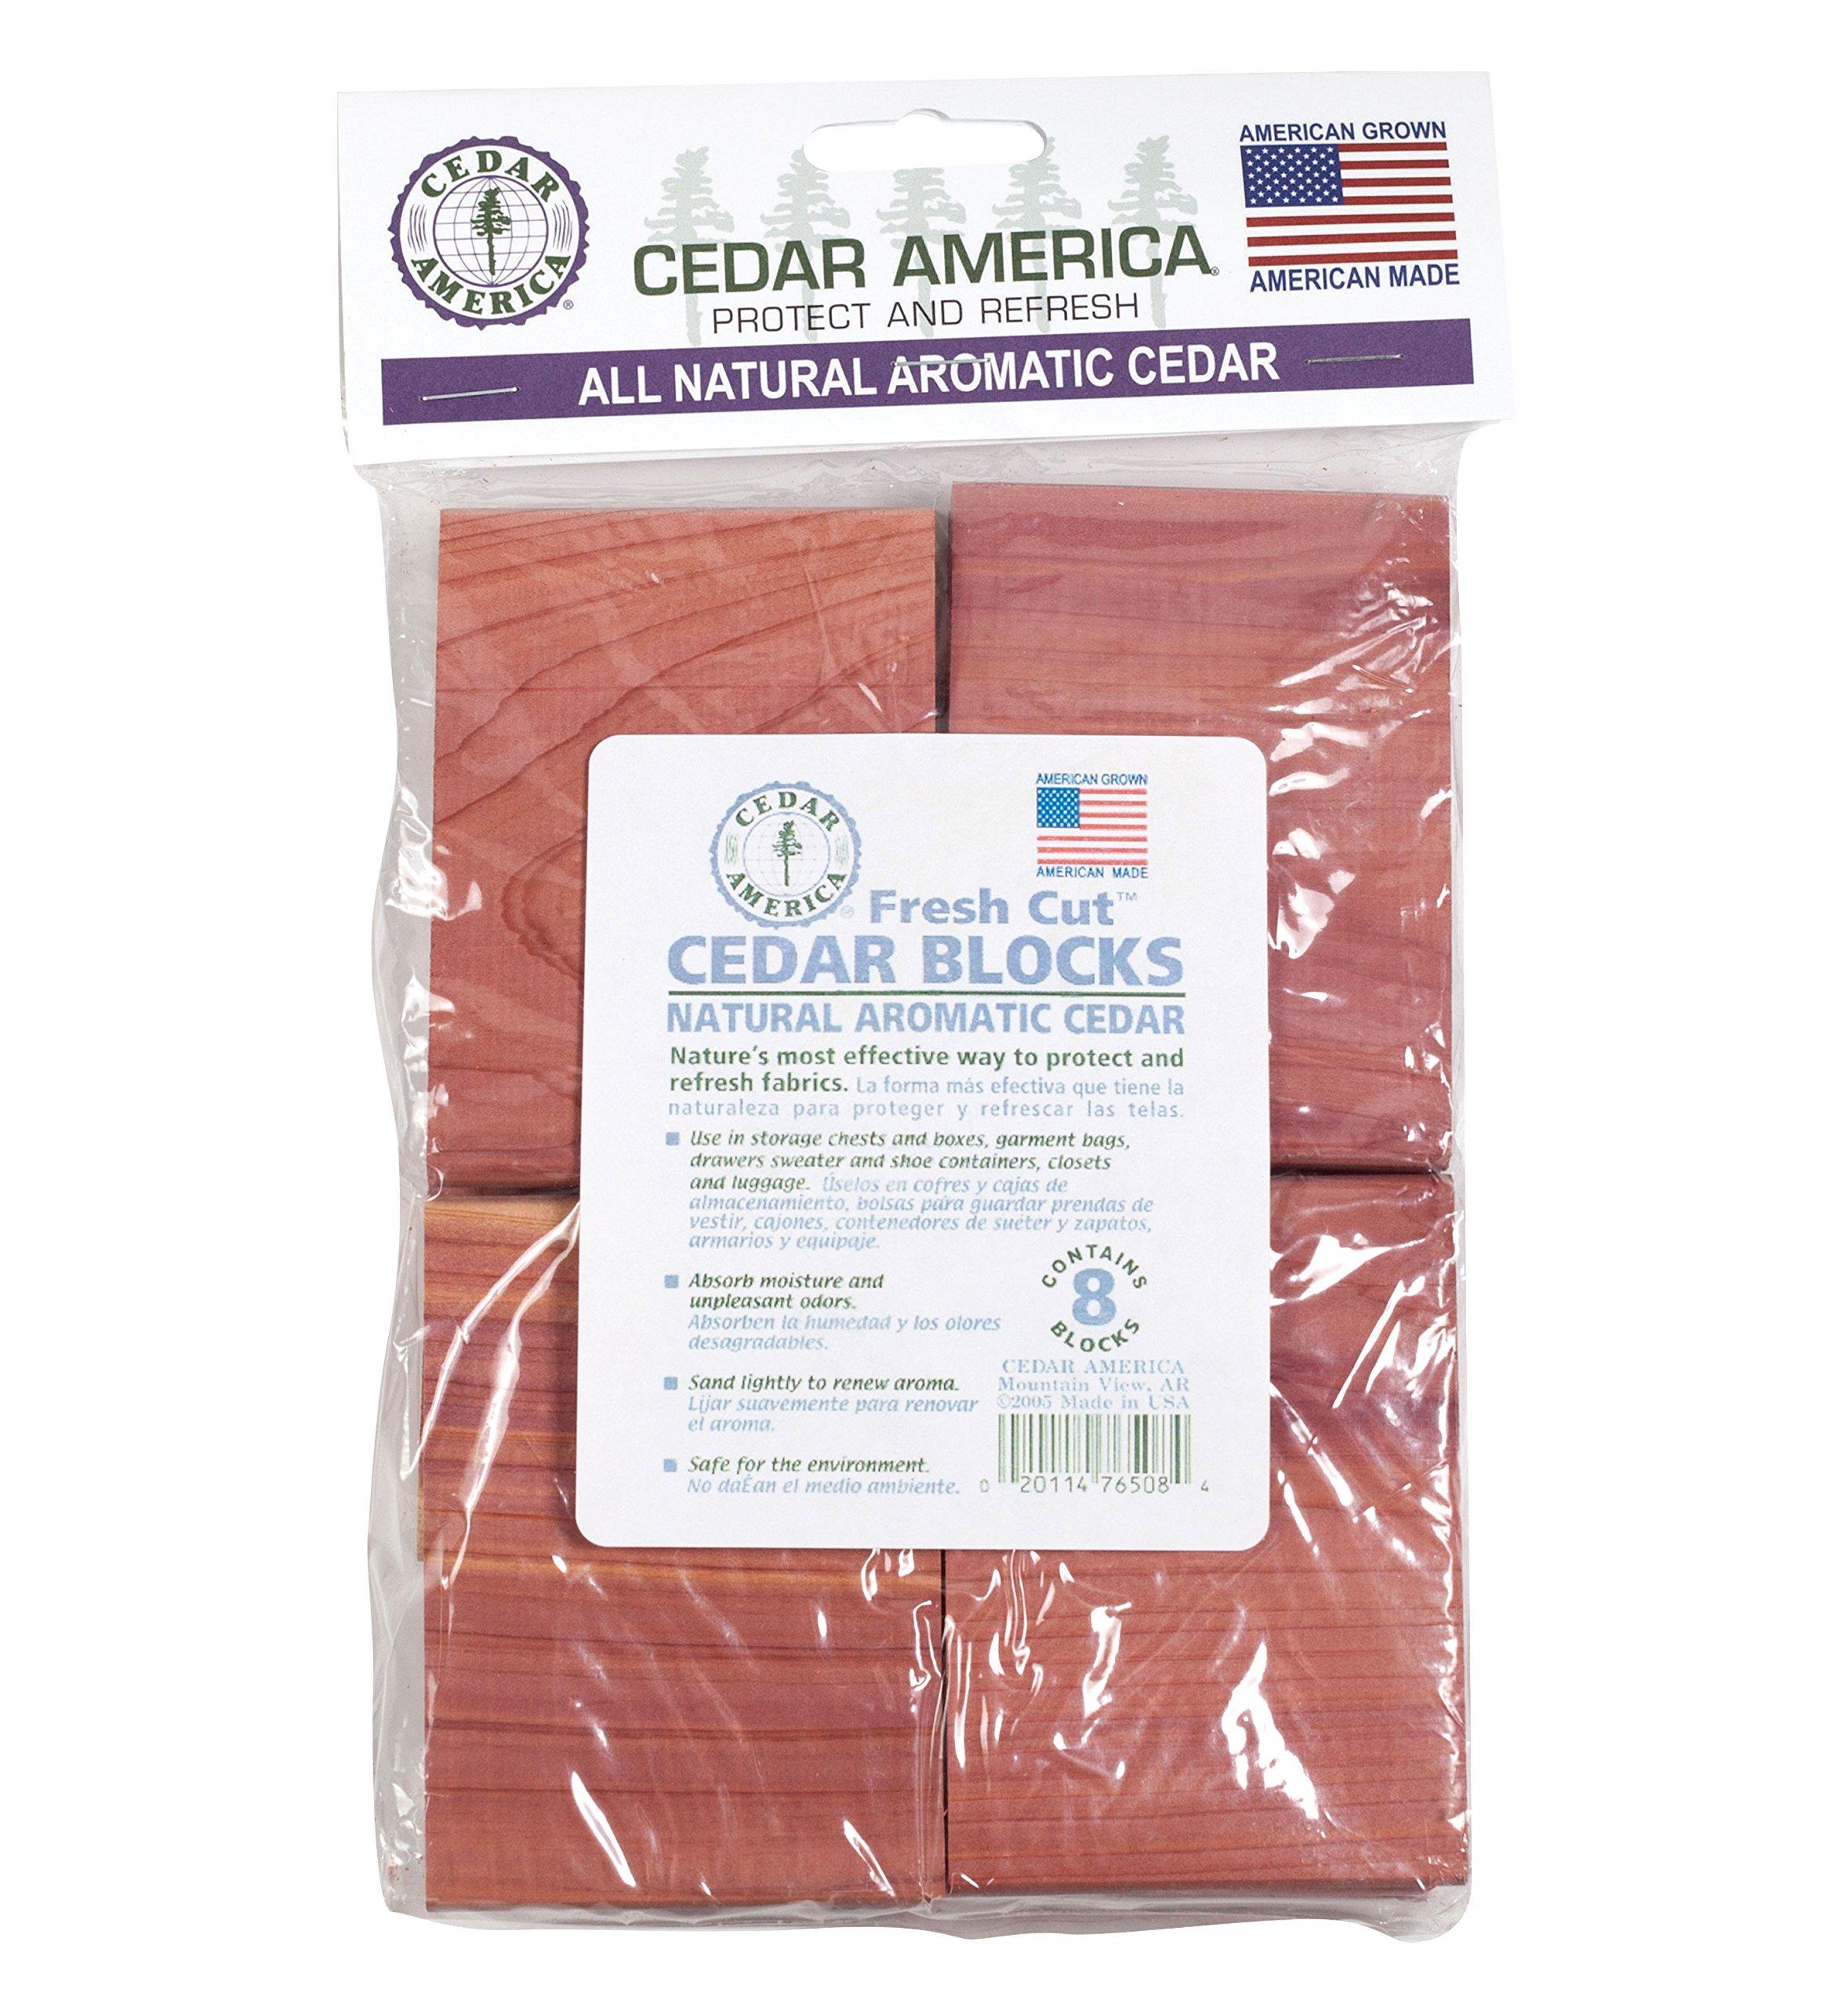 Cedar America Natural Aromatic Cedar Wood Blocks, 2-Pack (16 Blocks in total)